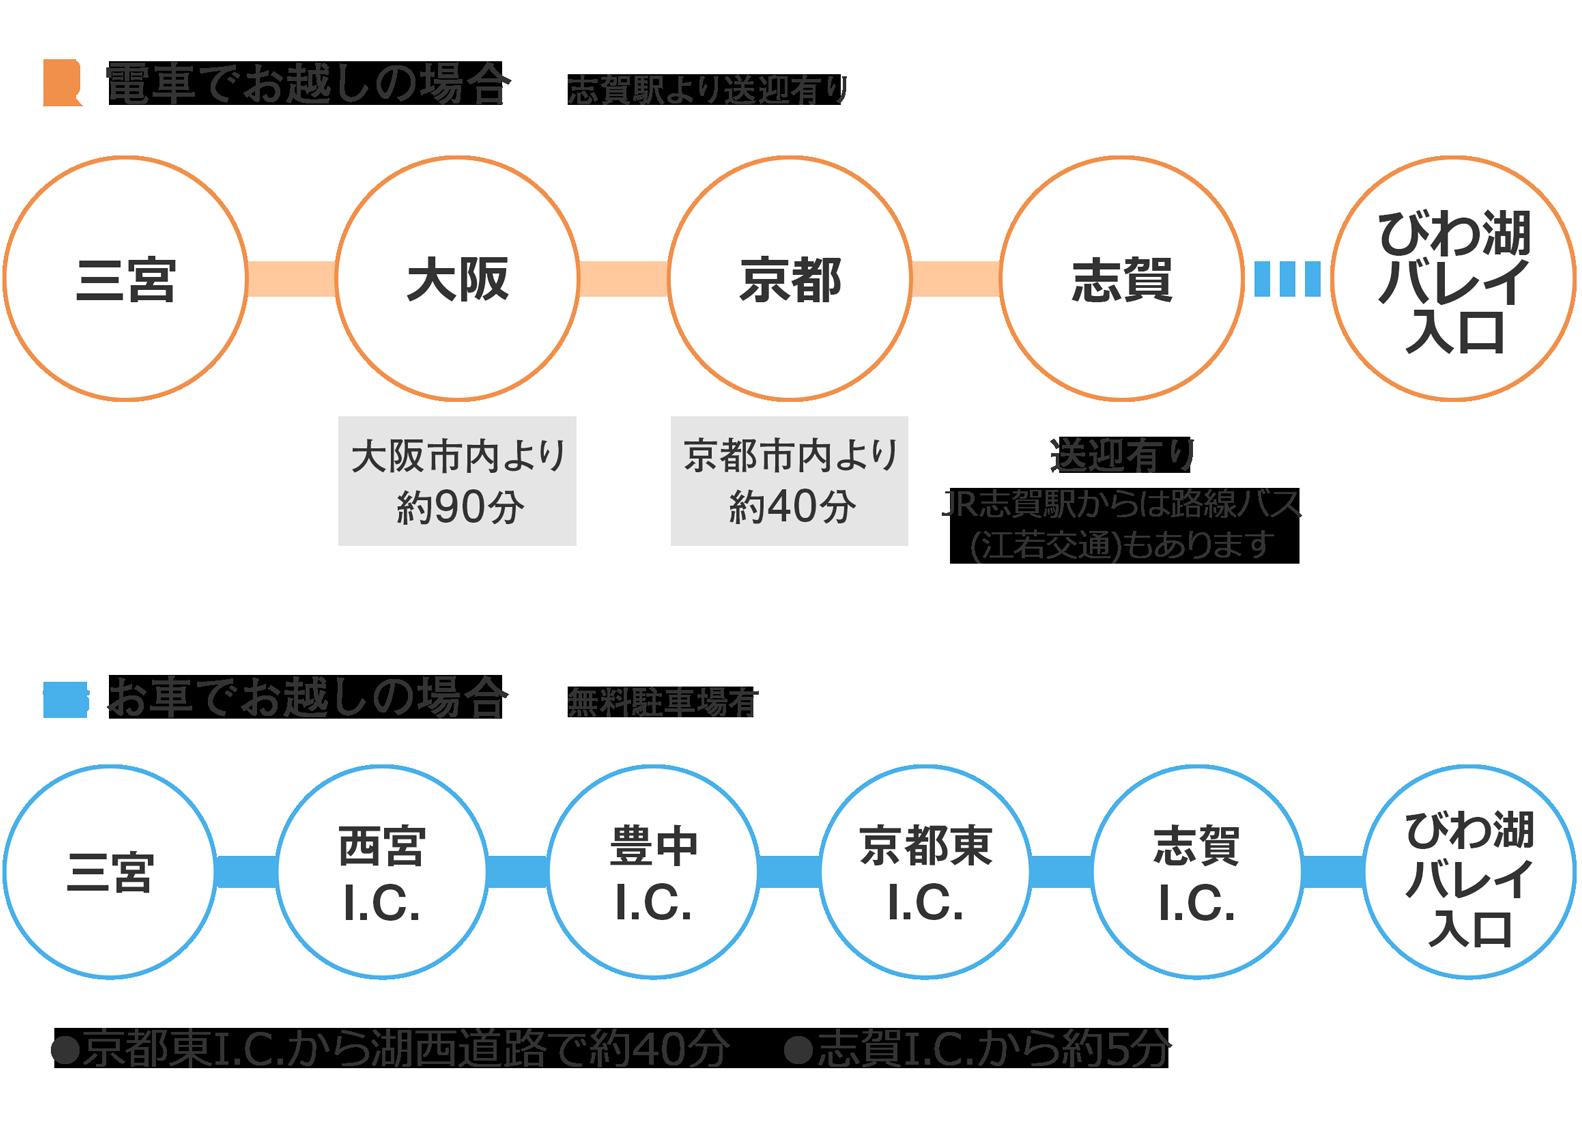 電車マップ1